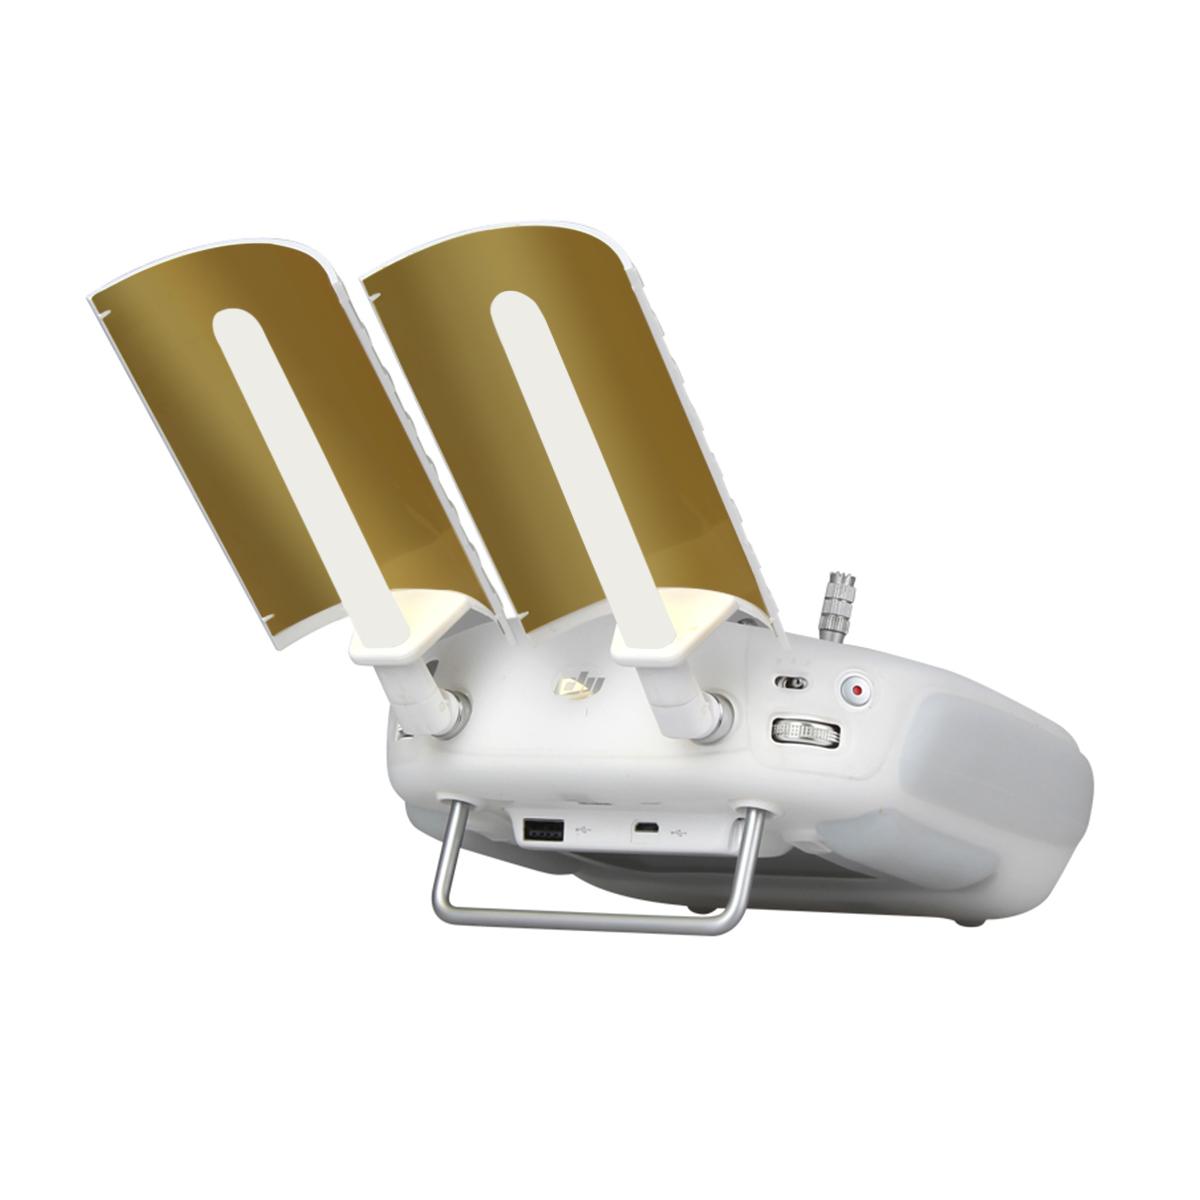 Усилитель антенны для пульта dji дешево заказать виртуальные очки к диджиай в иркутск